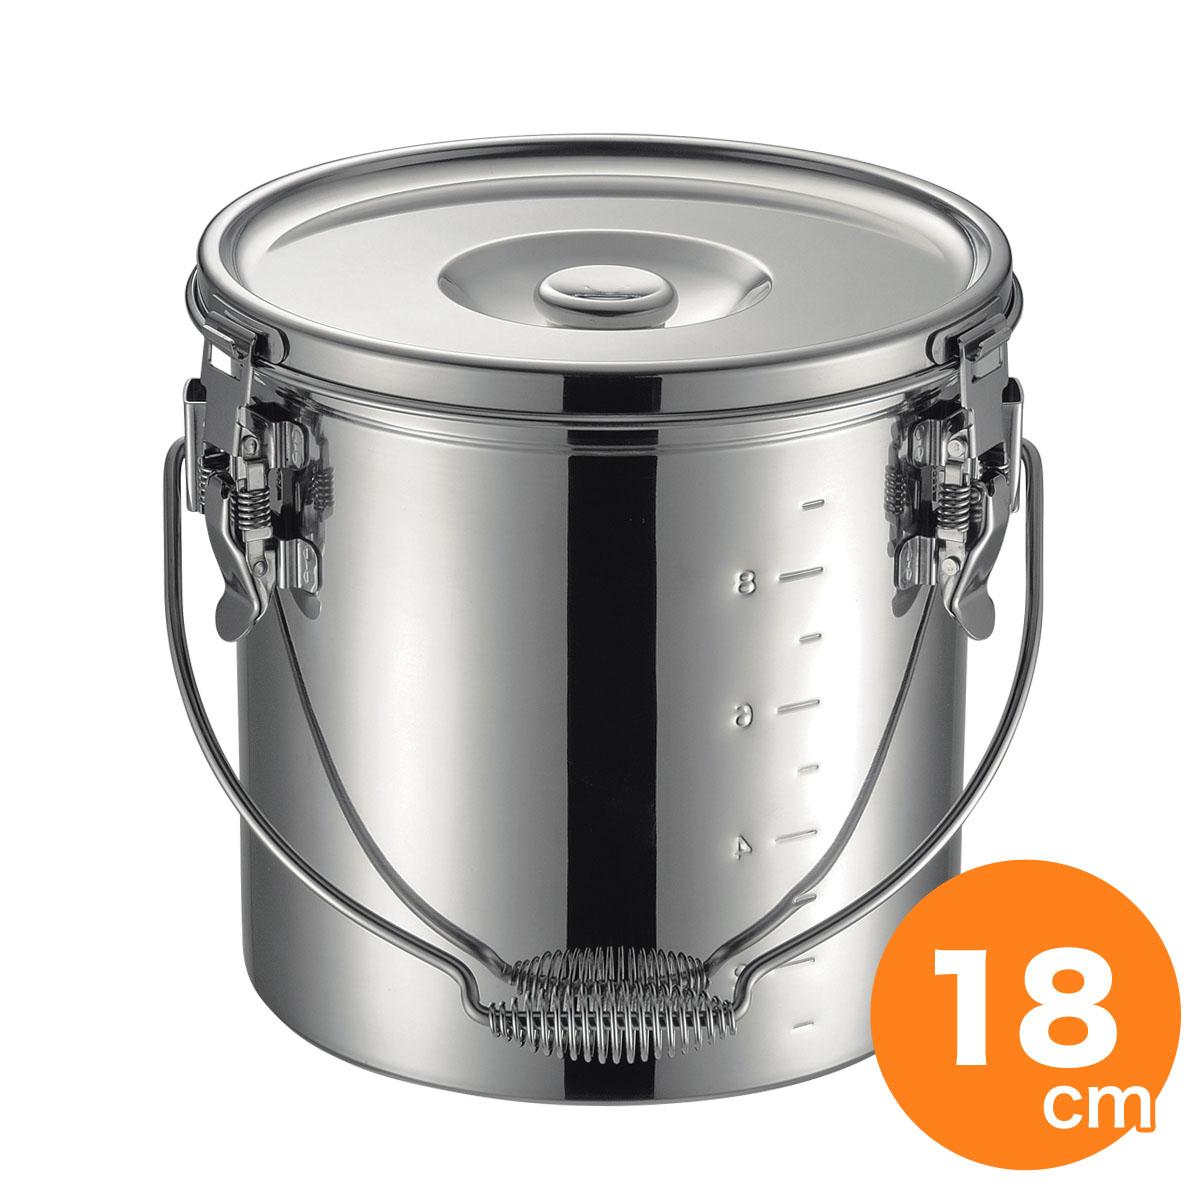 仔犬印 19-0 IH対応スタッキング給食缶 18cm 4.4L